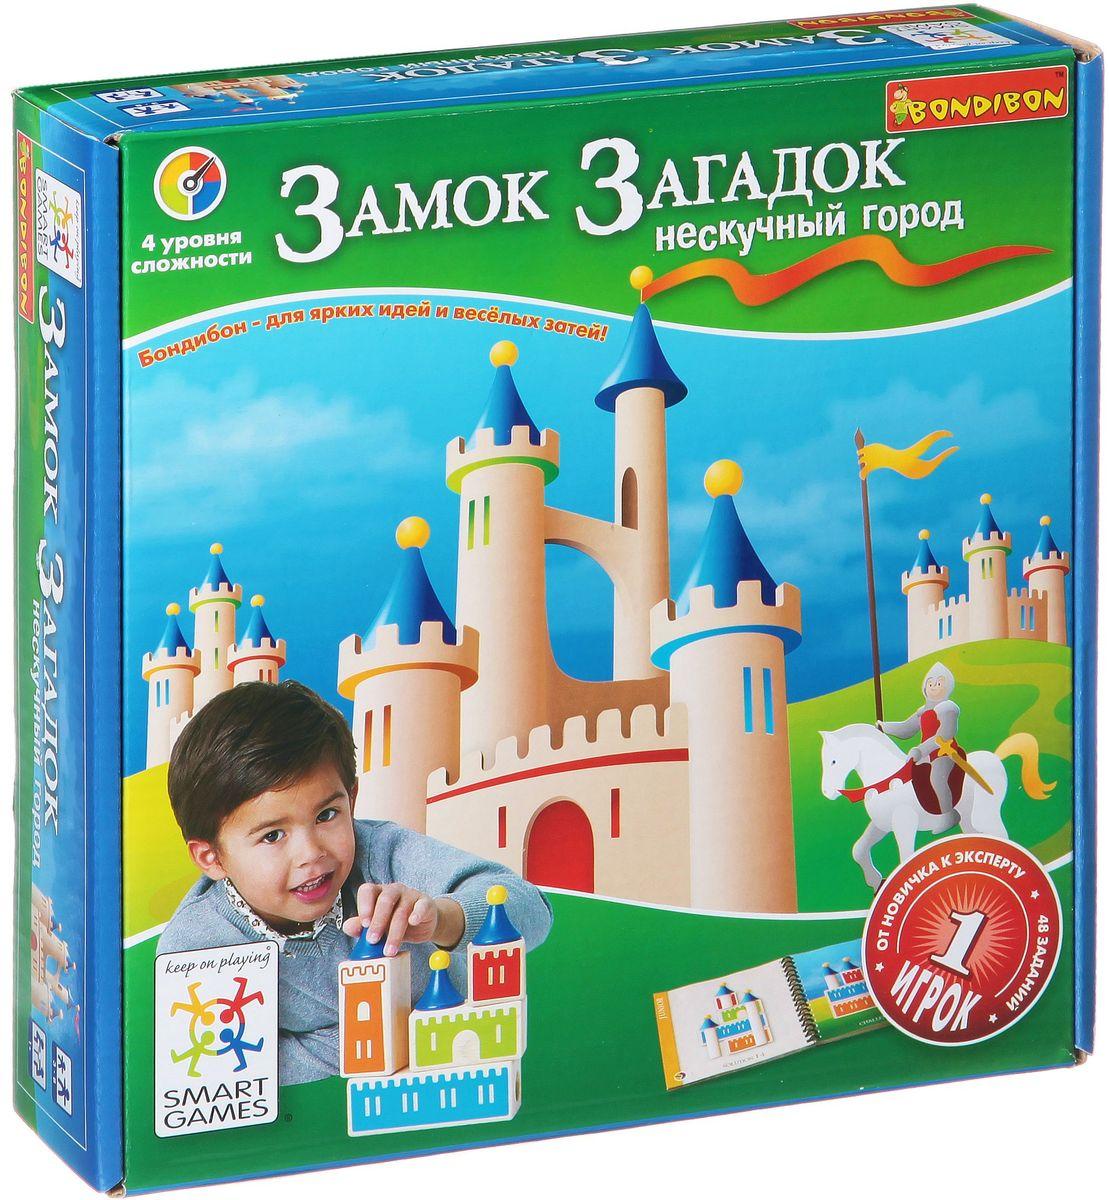 Bondibon Обучающая игра Замок загадок Нескучный город bondibon обучающая игра замок загадок нескучный город